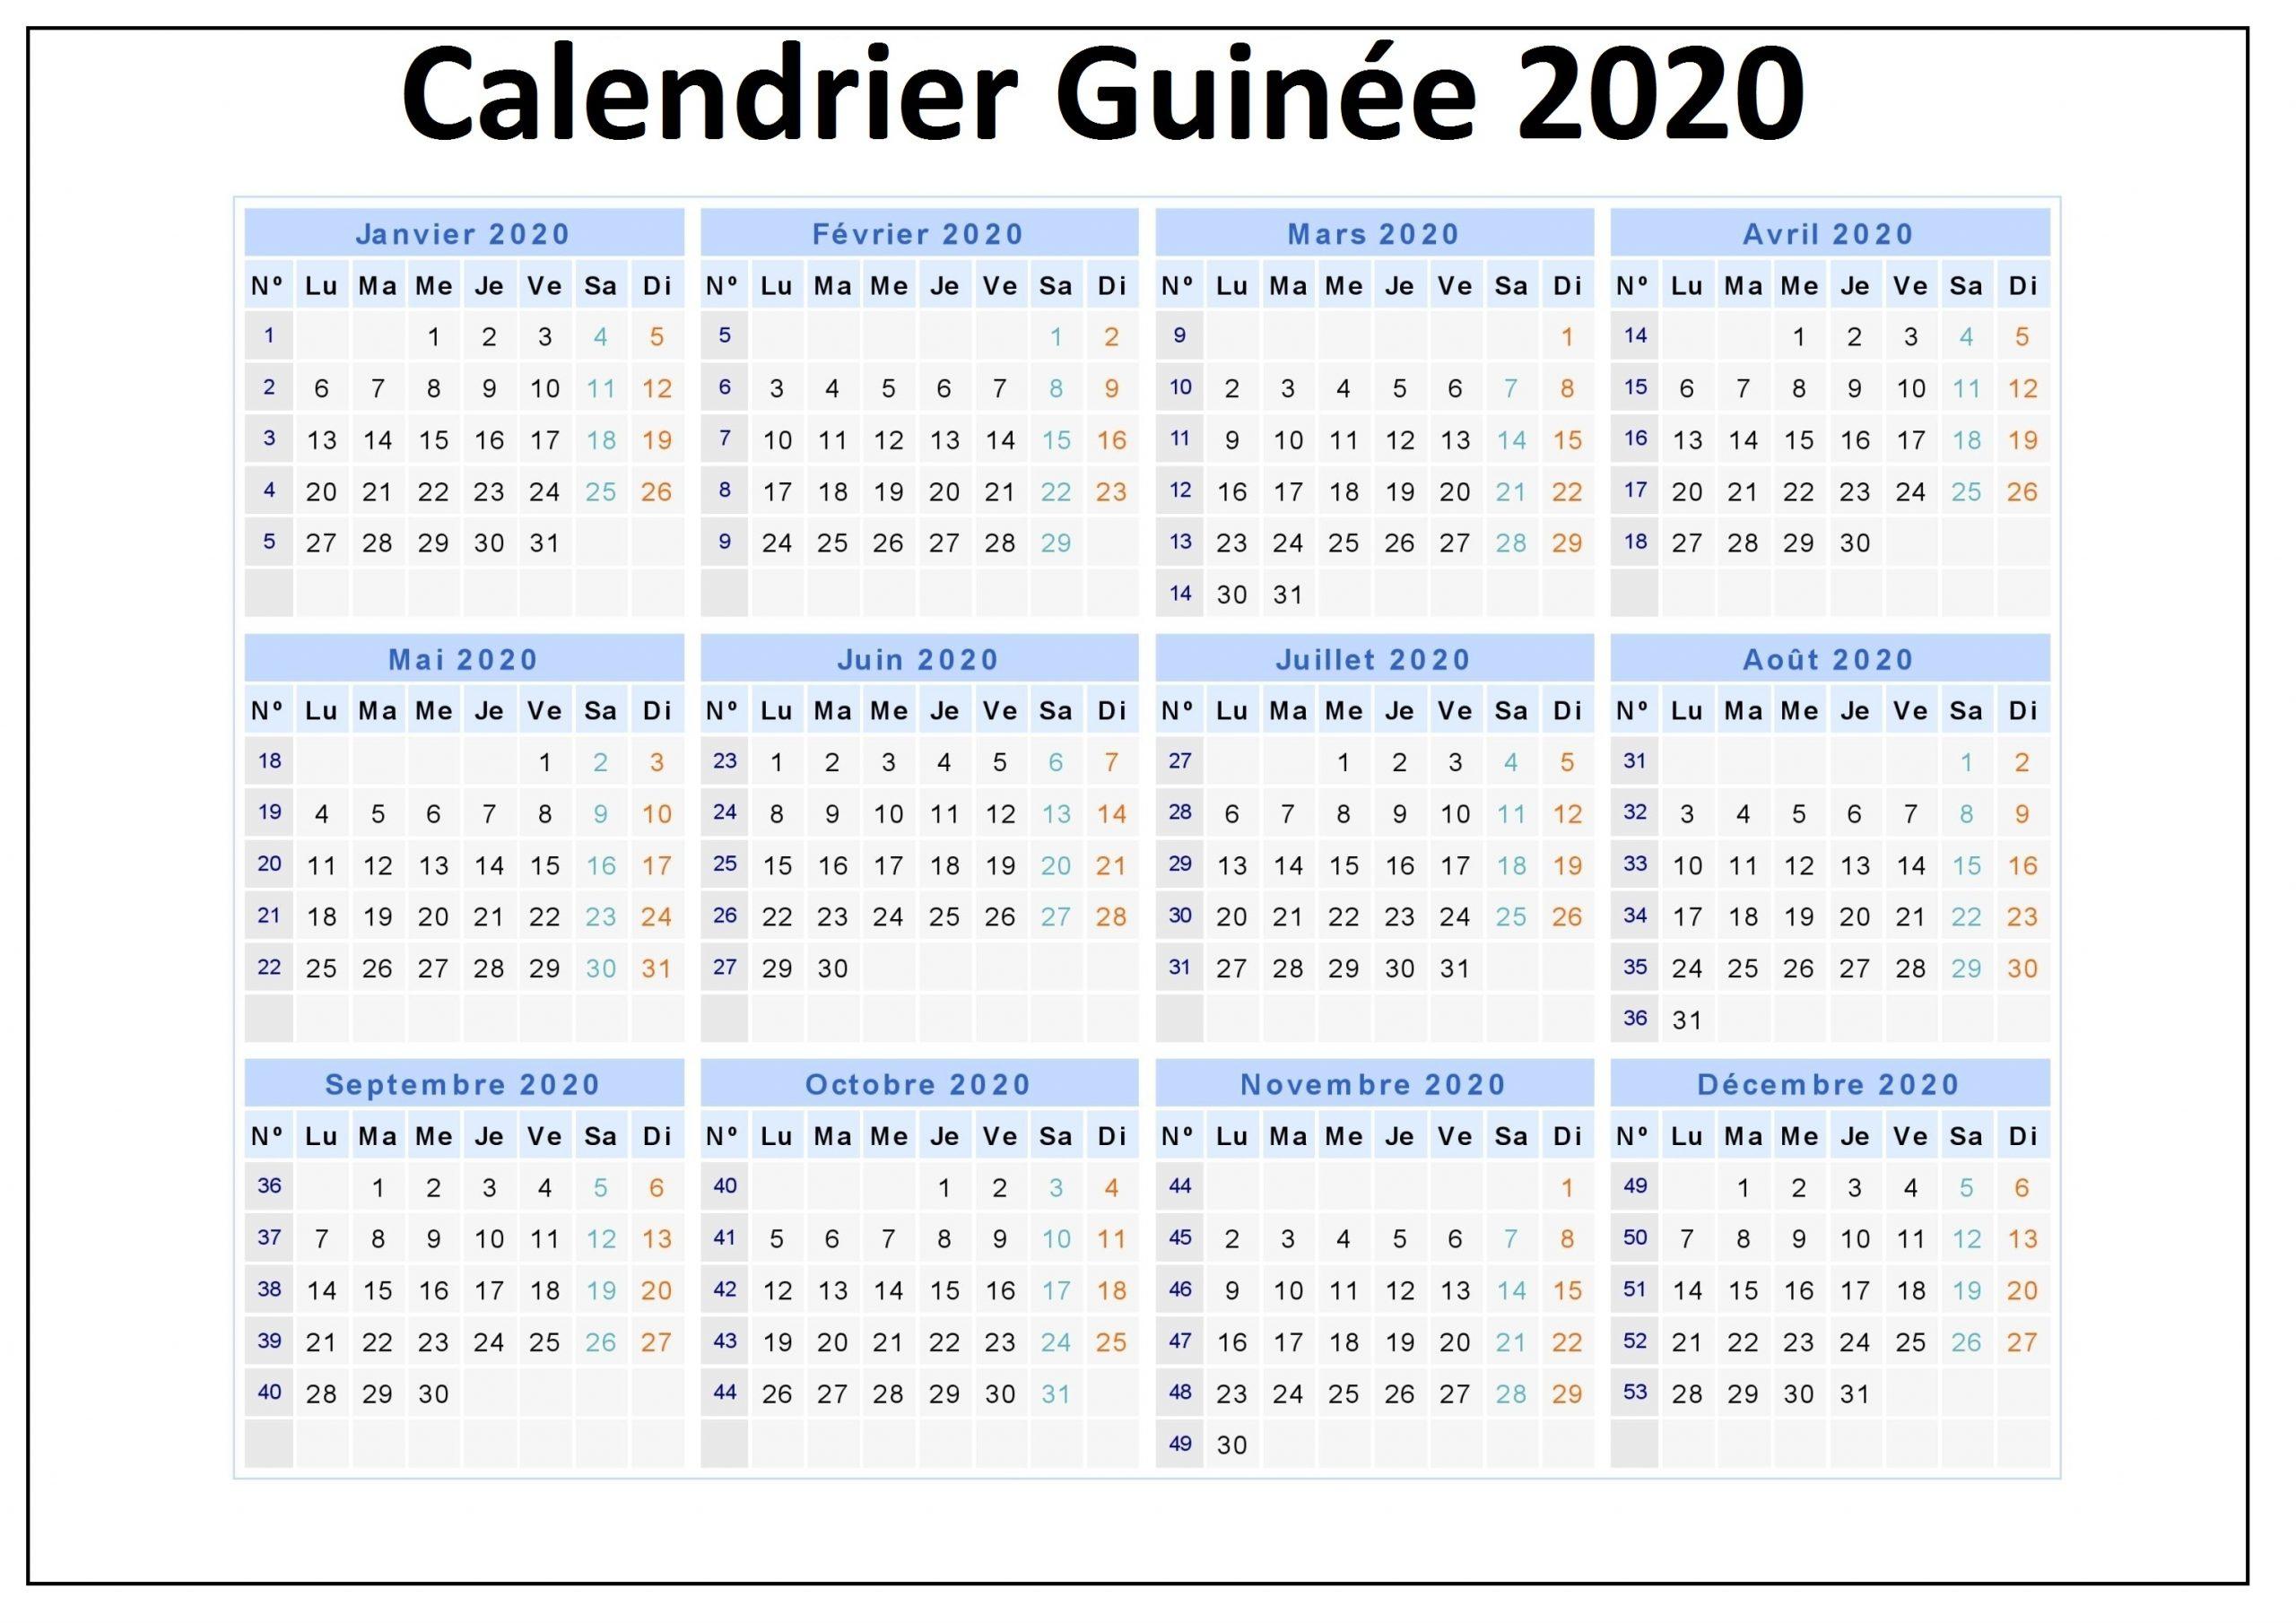 Calendrier Scolaire Guinée 2020